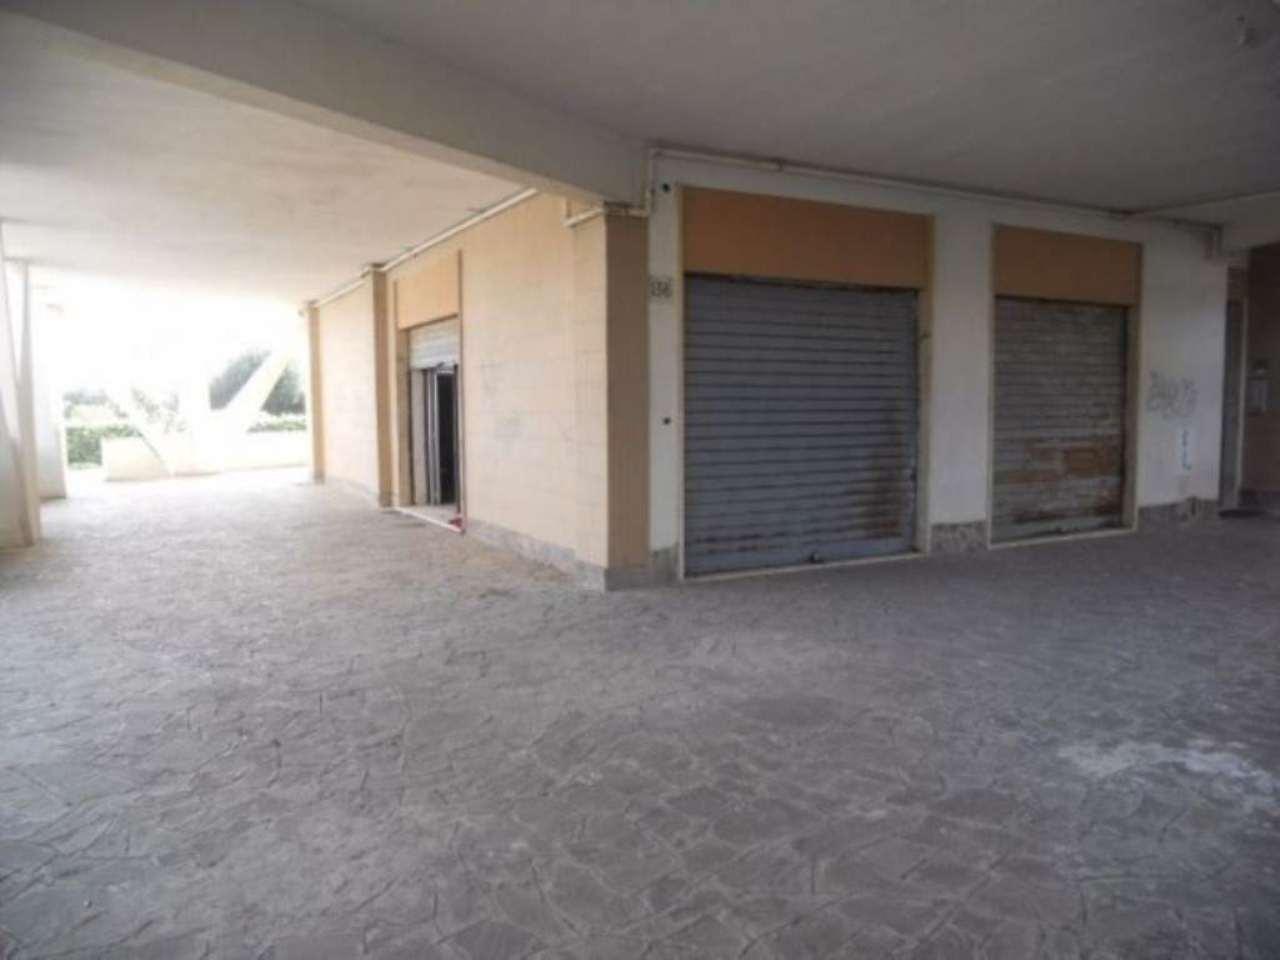 Negozio / Locale in vendita a Pomezia, 1 locali, prezzo € 225.000 | Cambio Casa.it